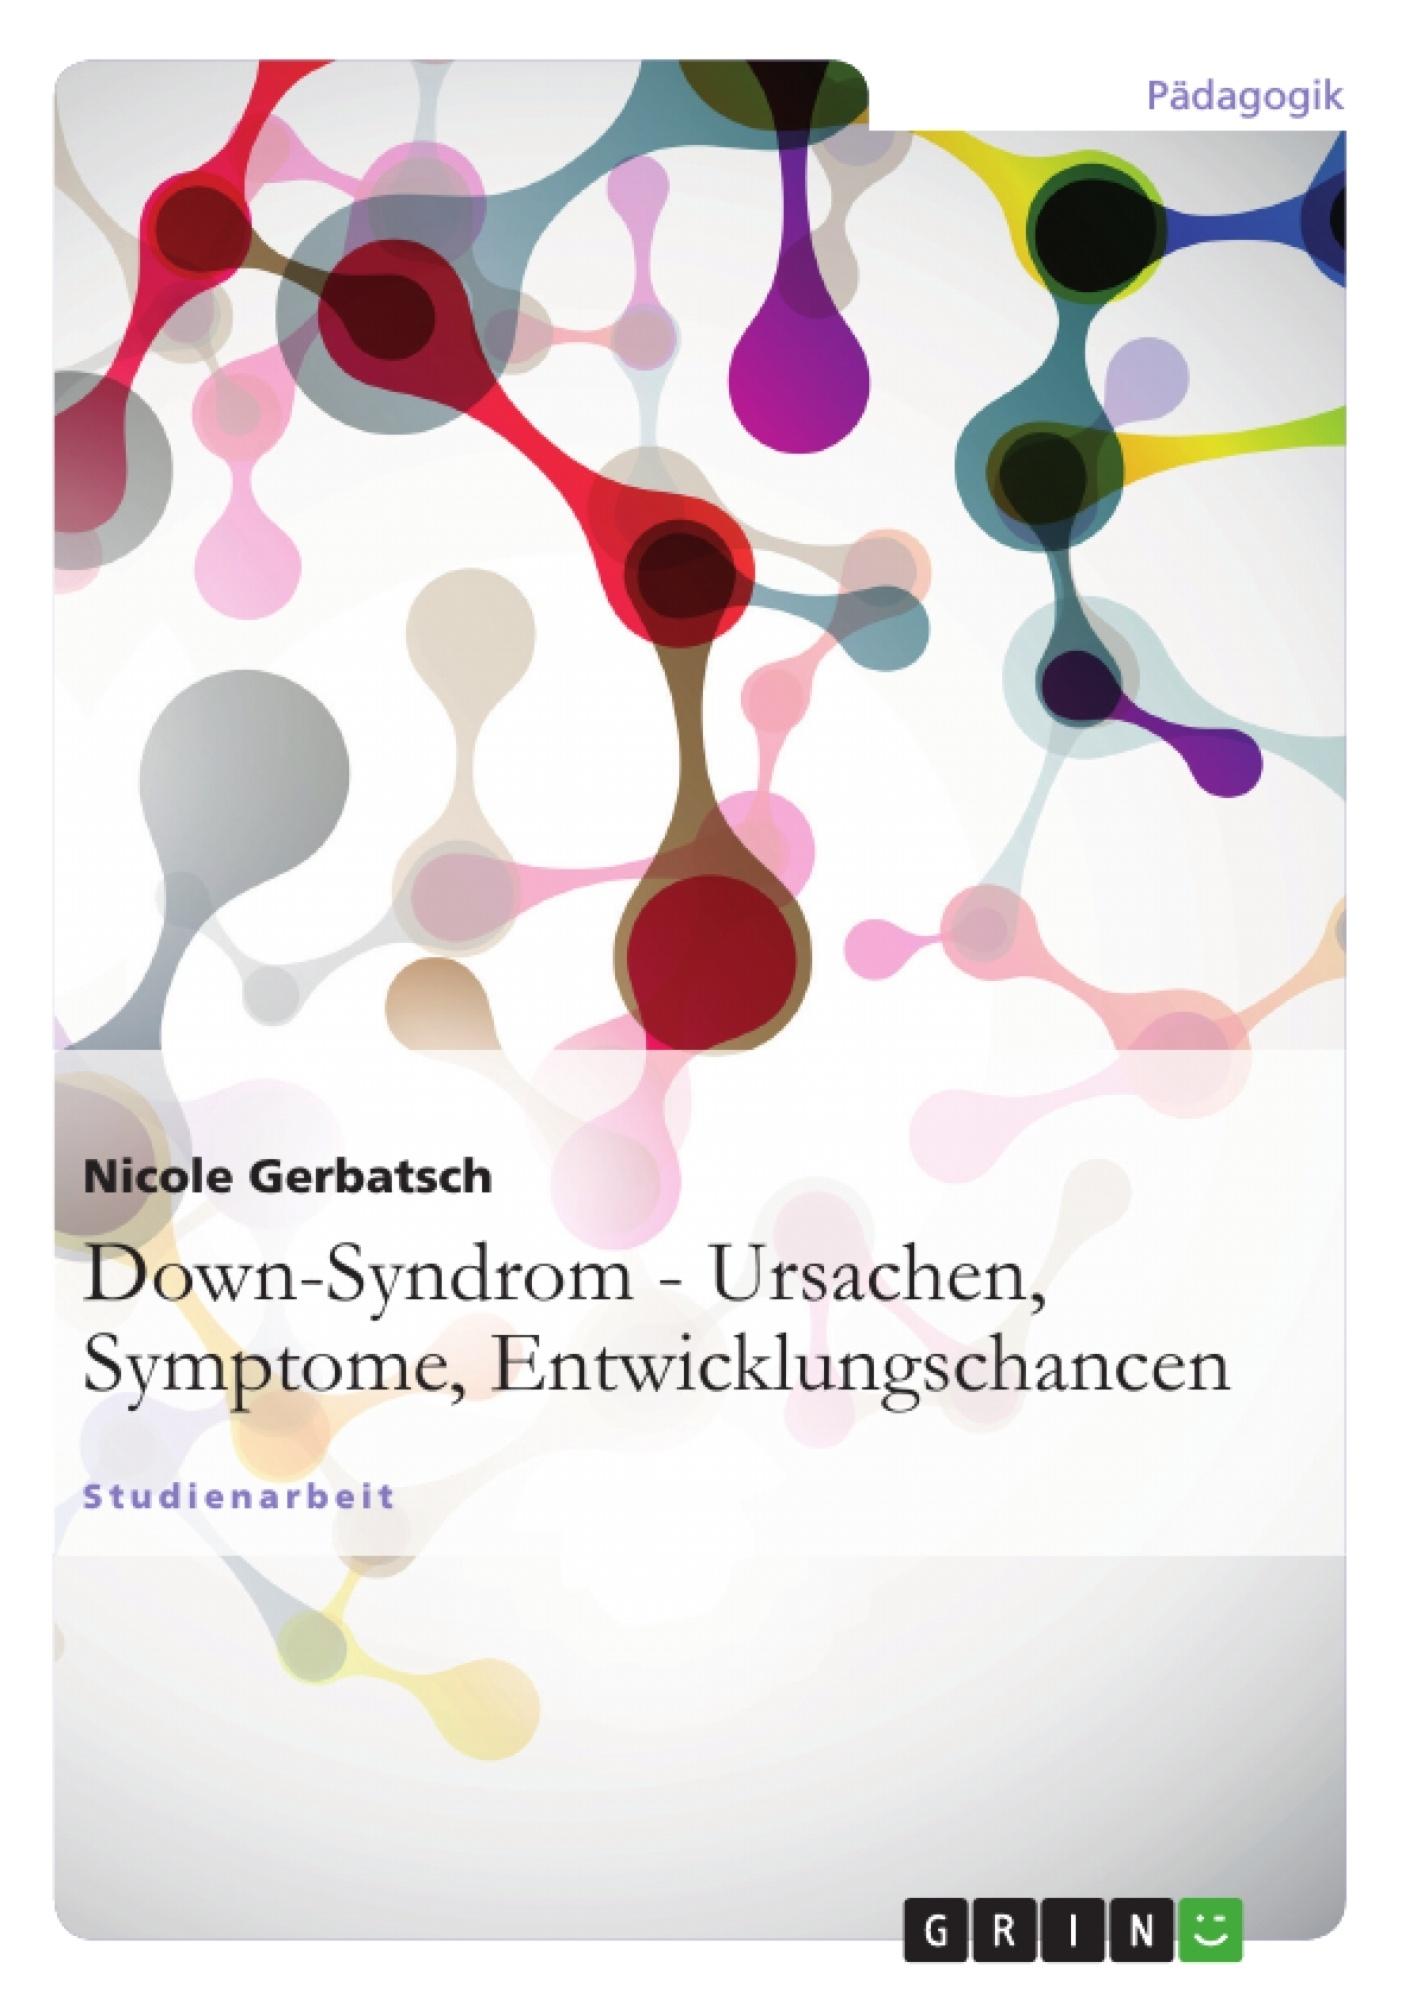 Titel: Down-Syndrom - Ursachen, Symptome, Entwicklungschancen